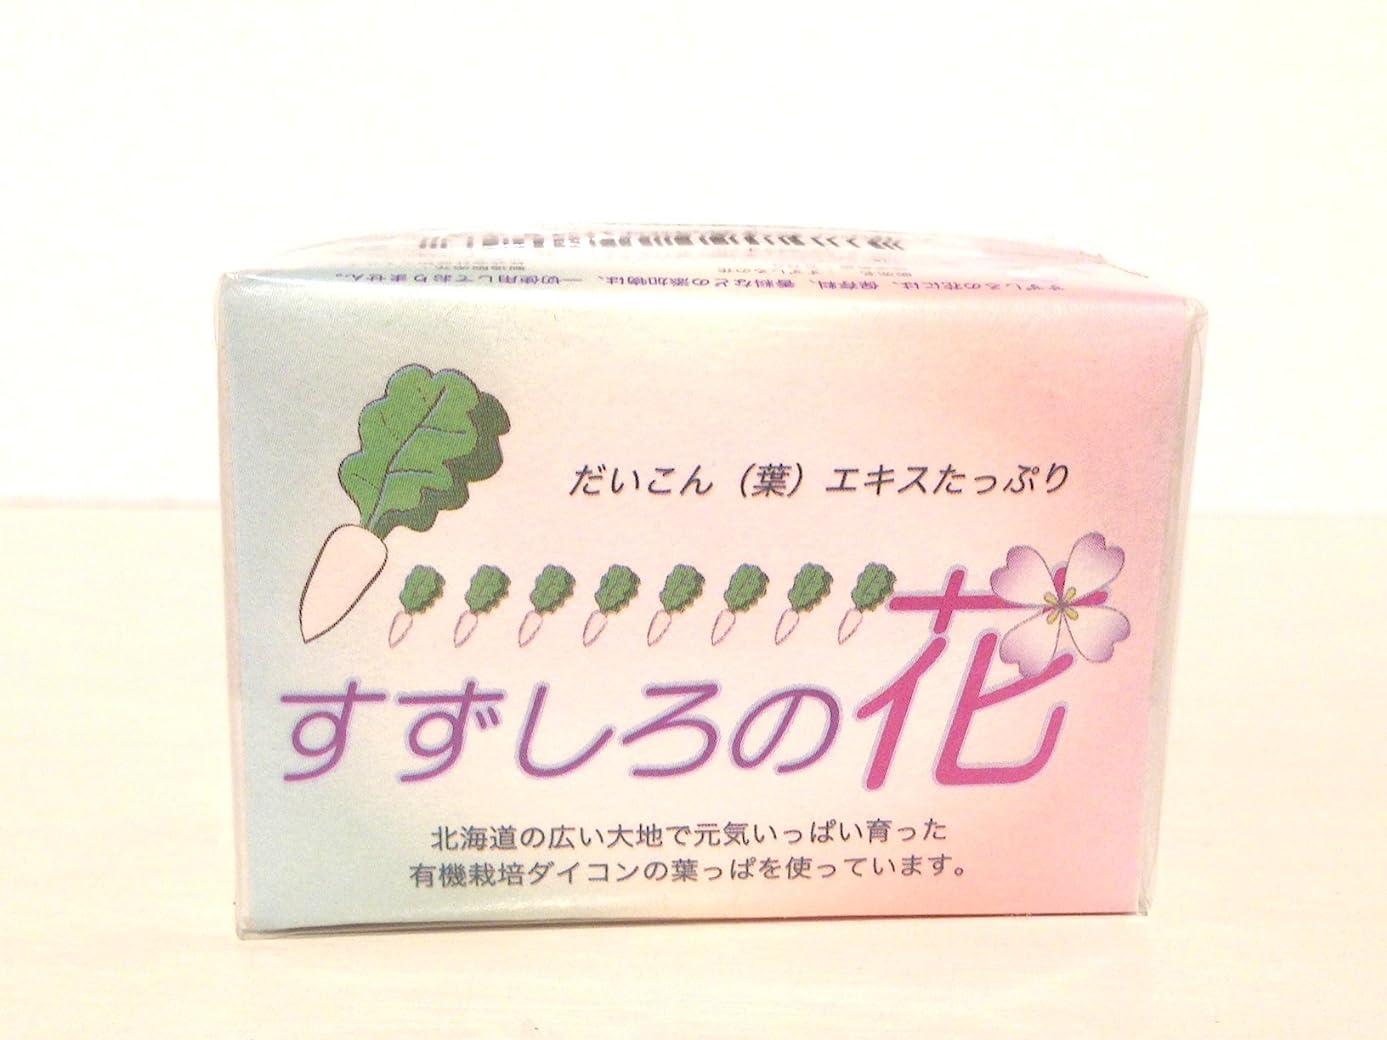 チロレガシーピジンすずしろの花(すずしろ石けん)60g 北海道産大根葉エキスたっぷり手作り石けん